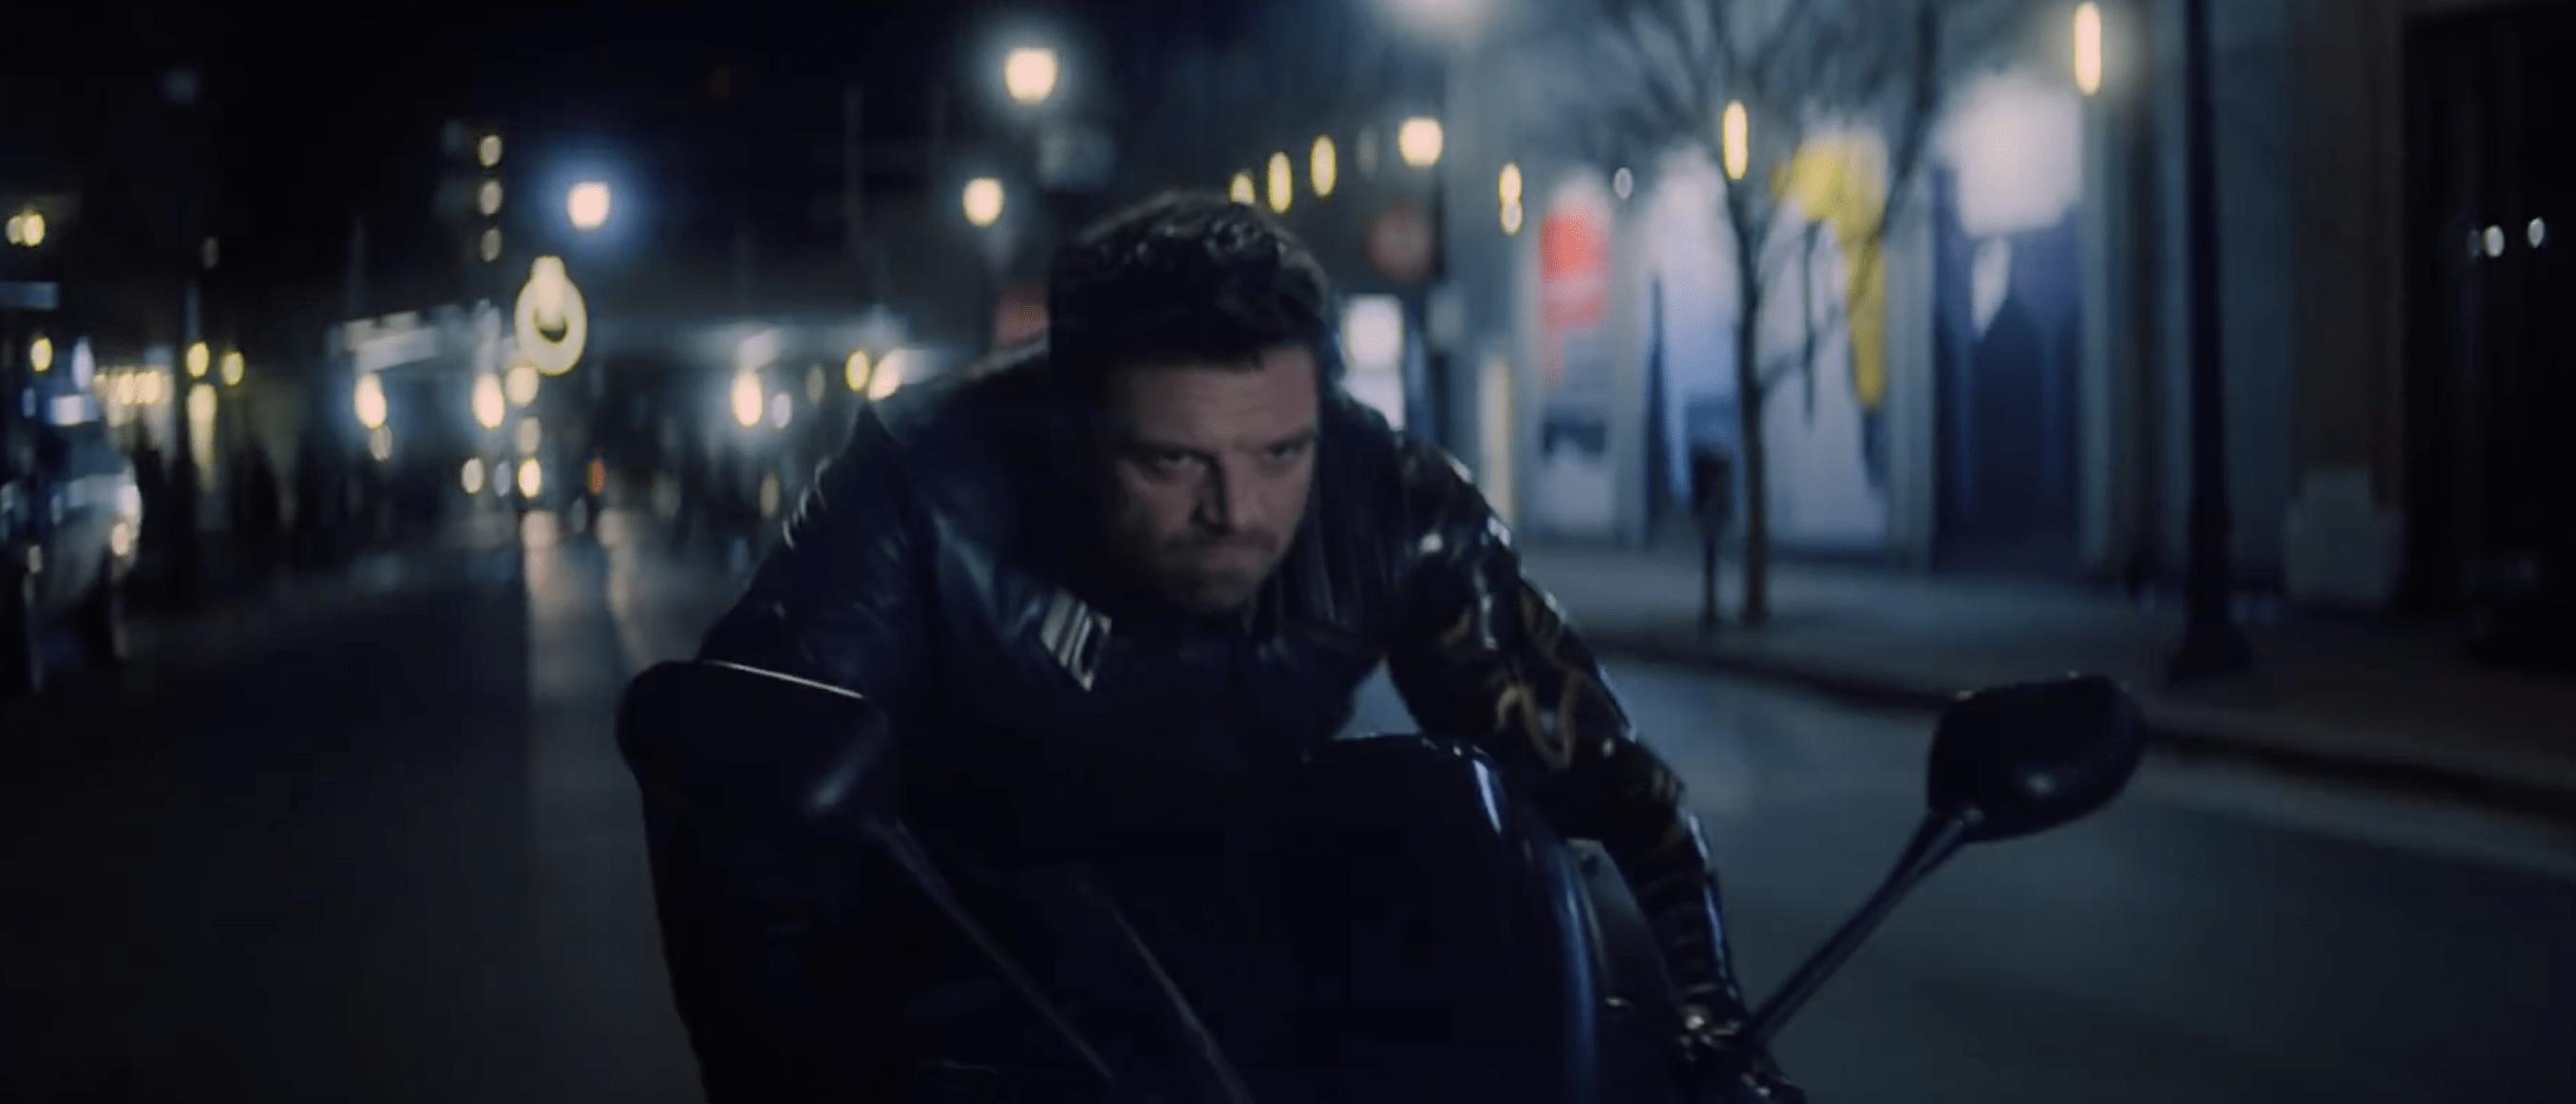 Bucky motorcycle